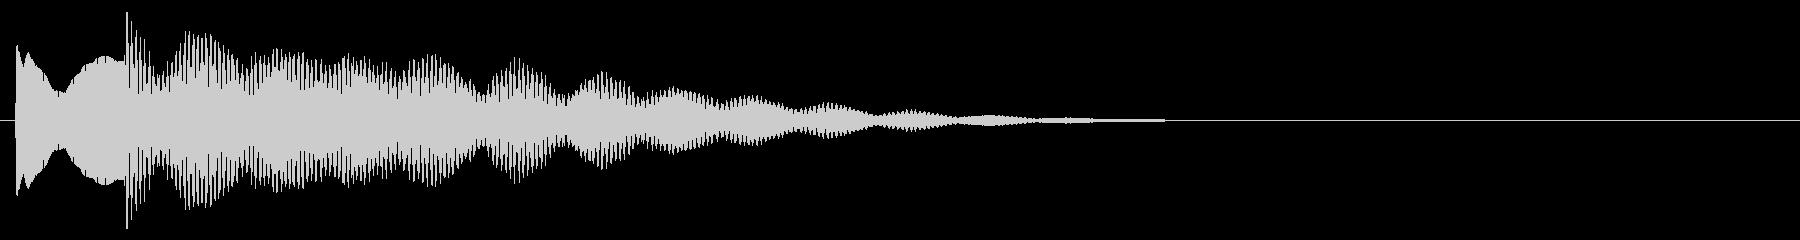 マレット系 決定音05(小)の未再生の波形